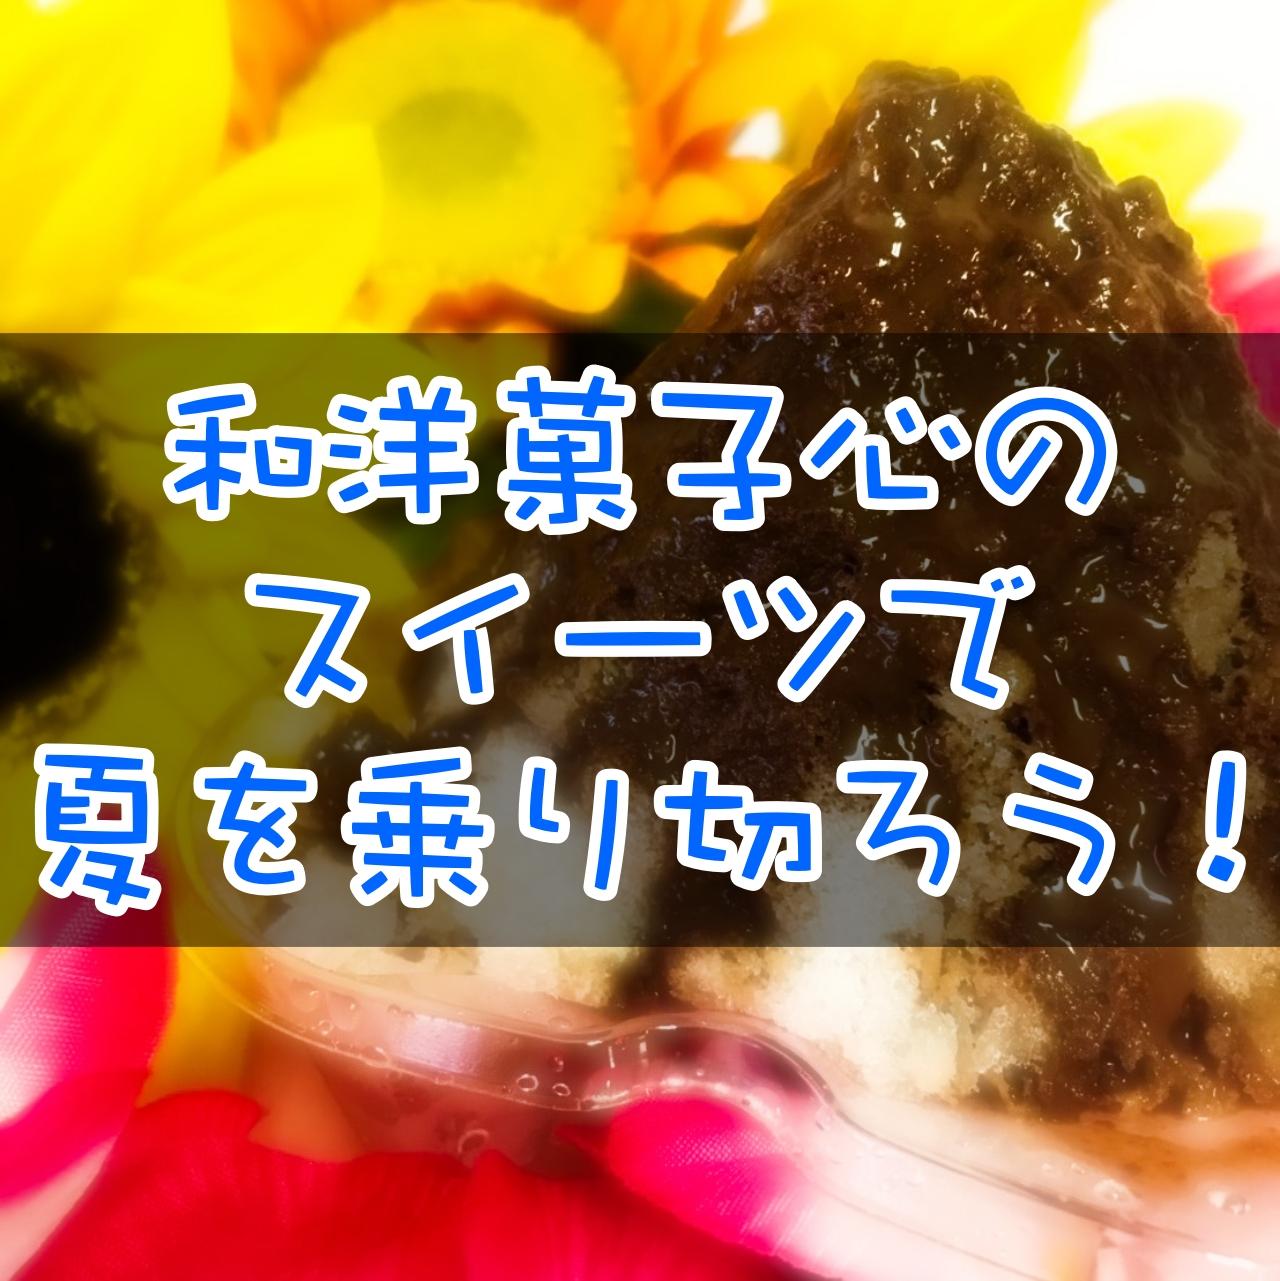 お盆もやってる!和洋菓子心 2019年8月営業予定&商品情報!